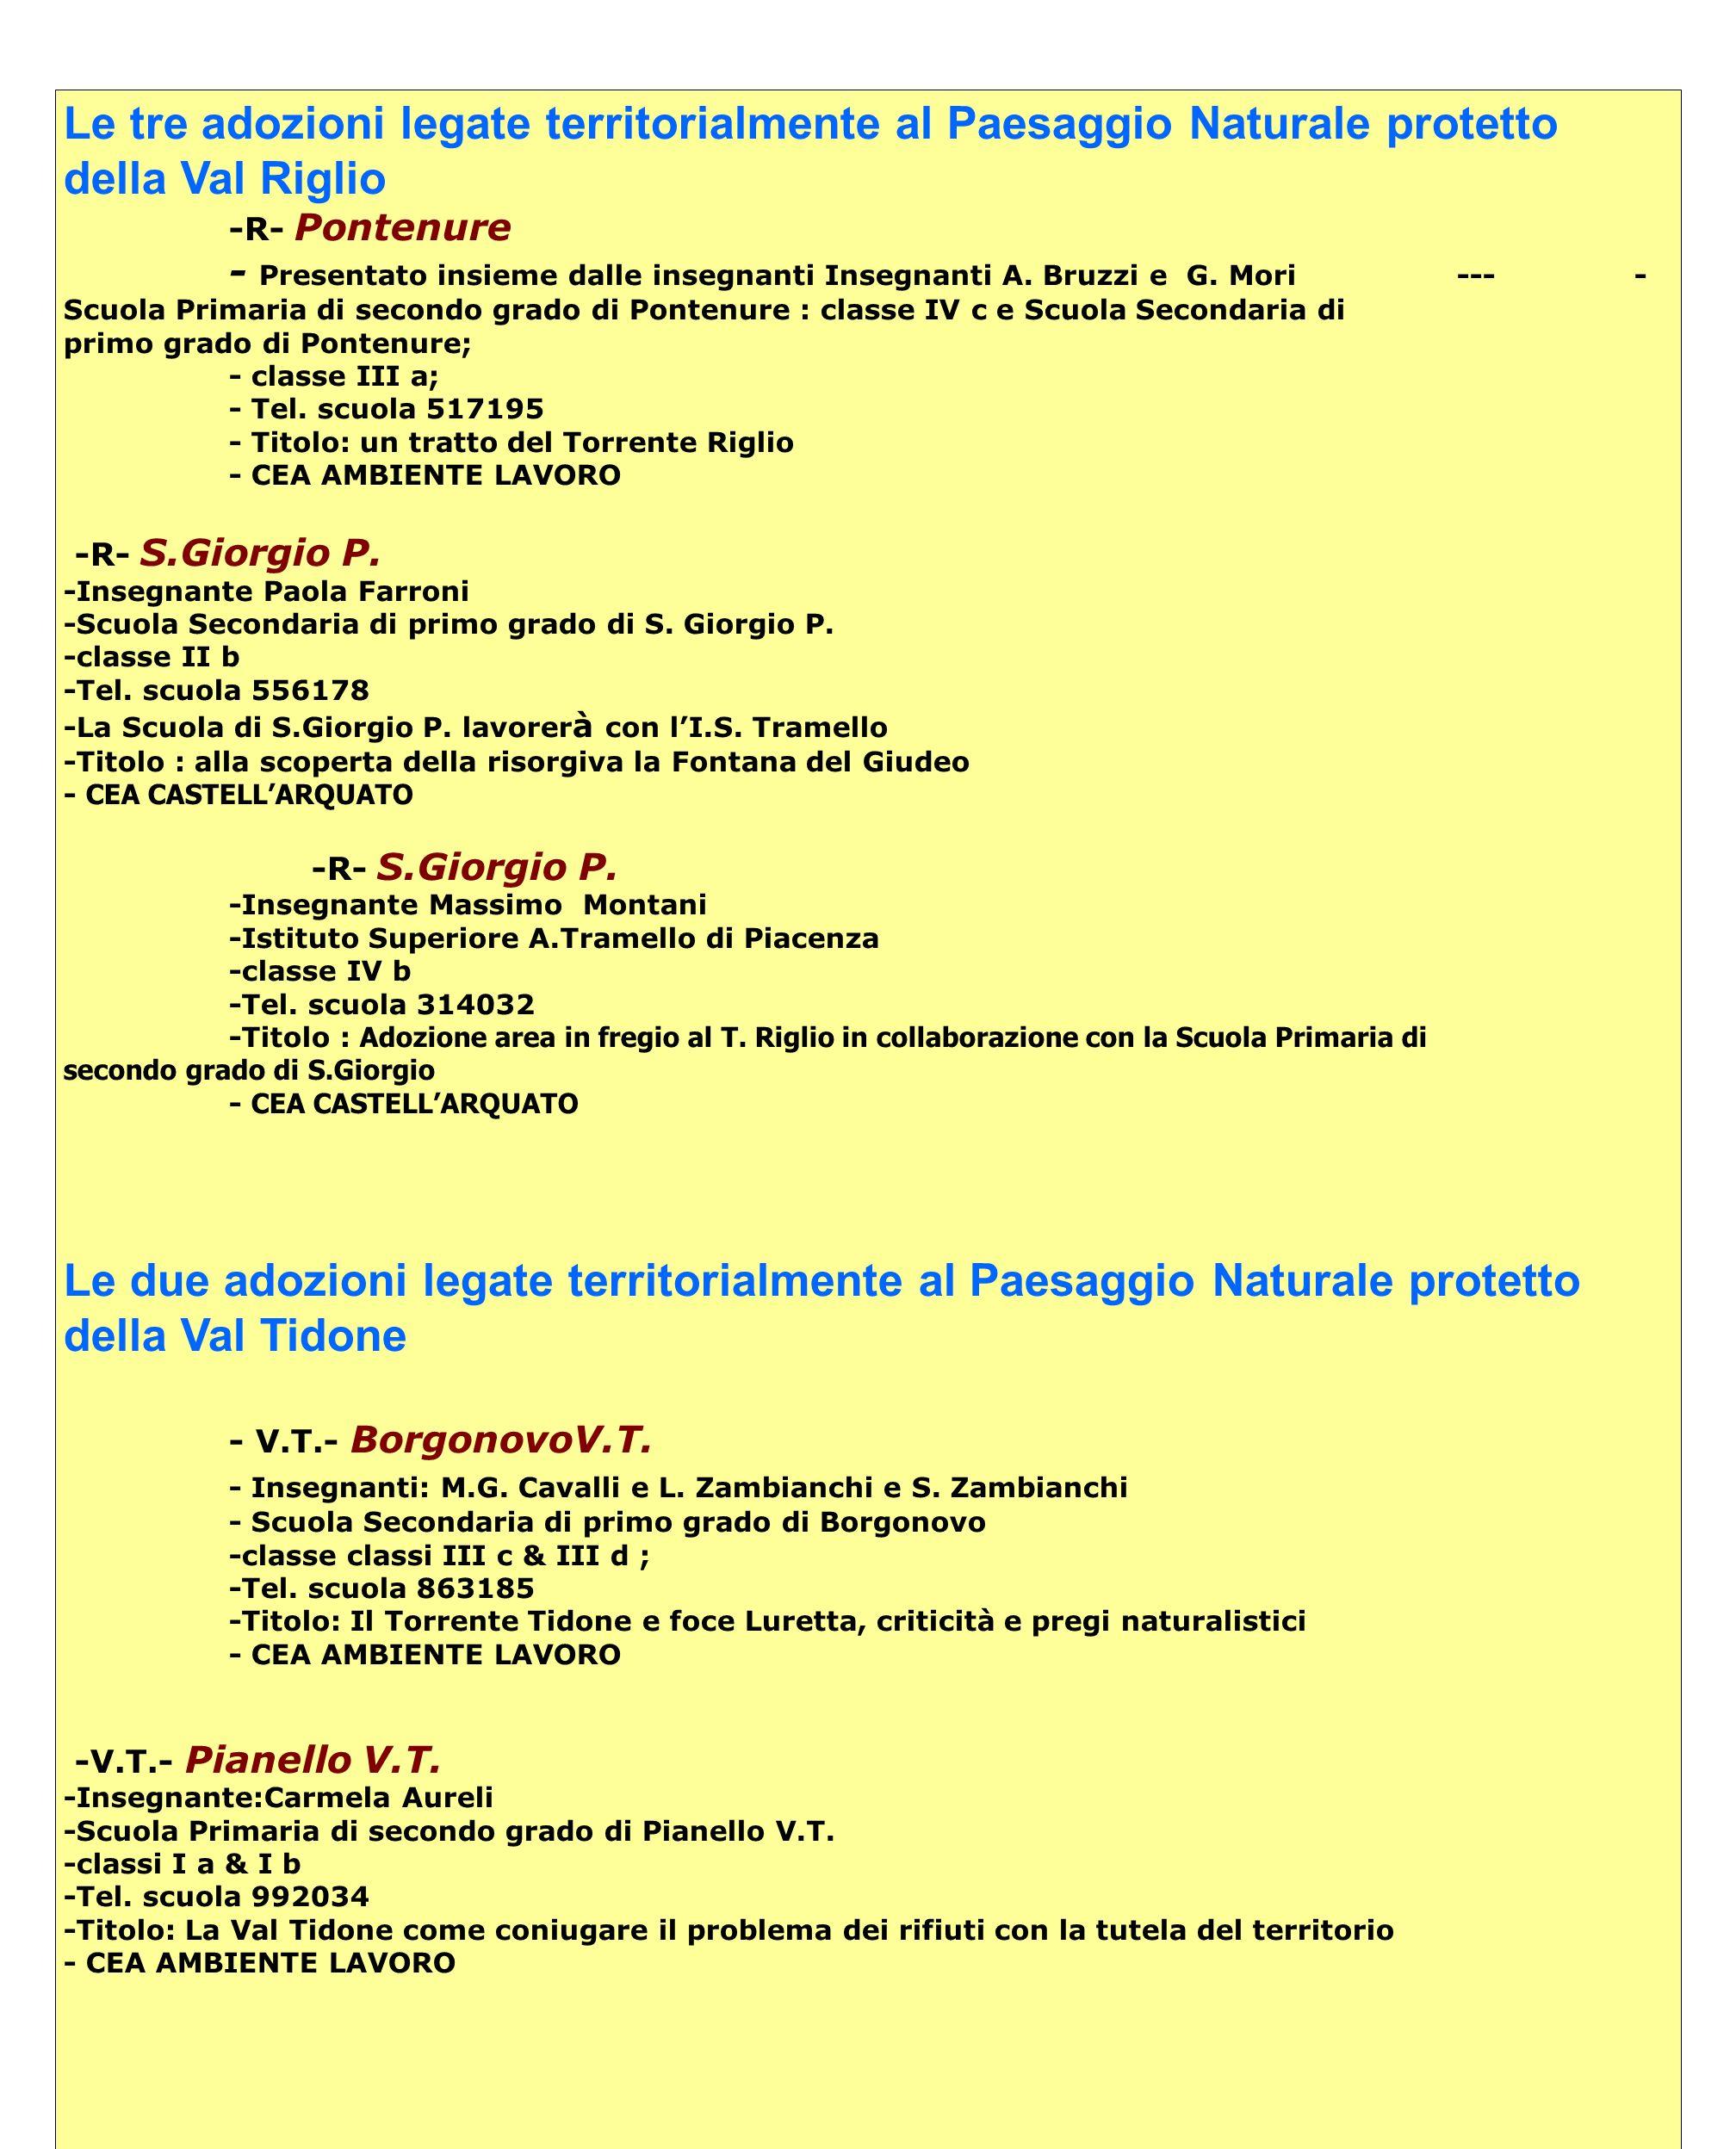 Le tre adozioni legate territorialmente al Paesaggio Naturale protetto della Val Riglio -R- Pontenure - Presentato insieme dalle insegnanti Insegnanti